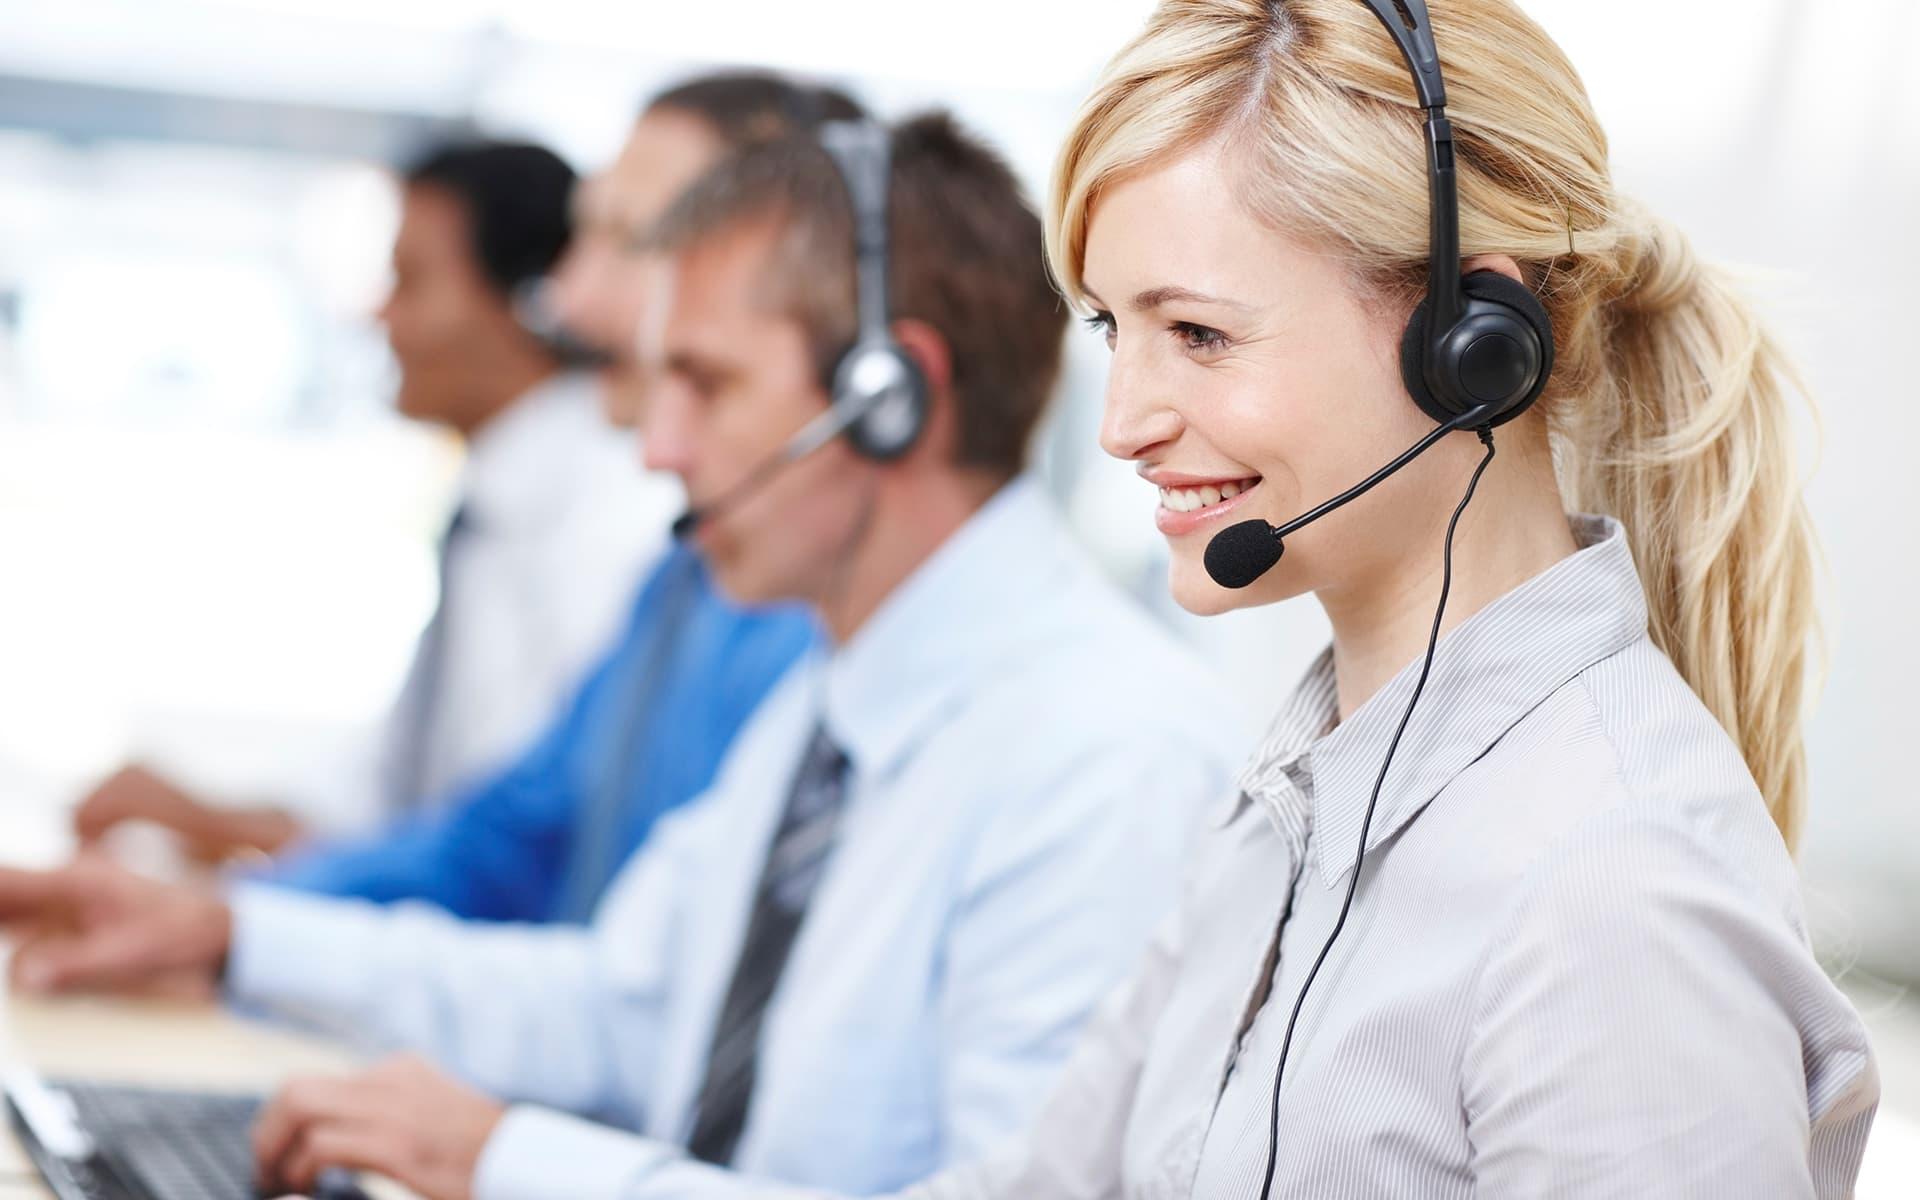 Call center team work